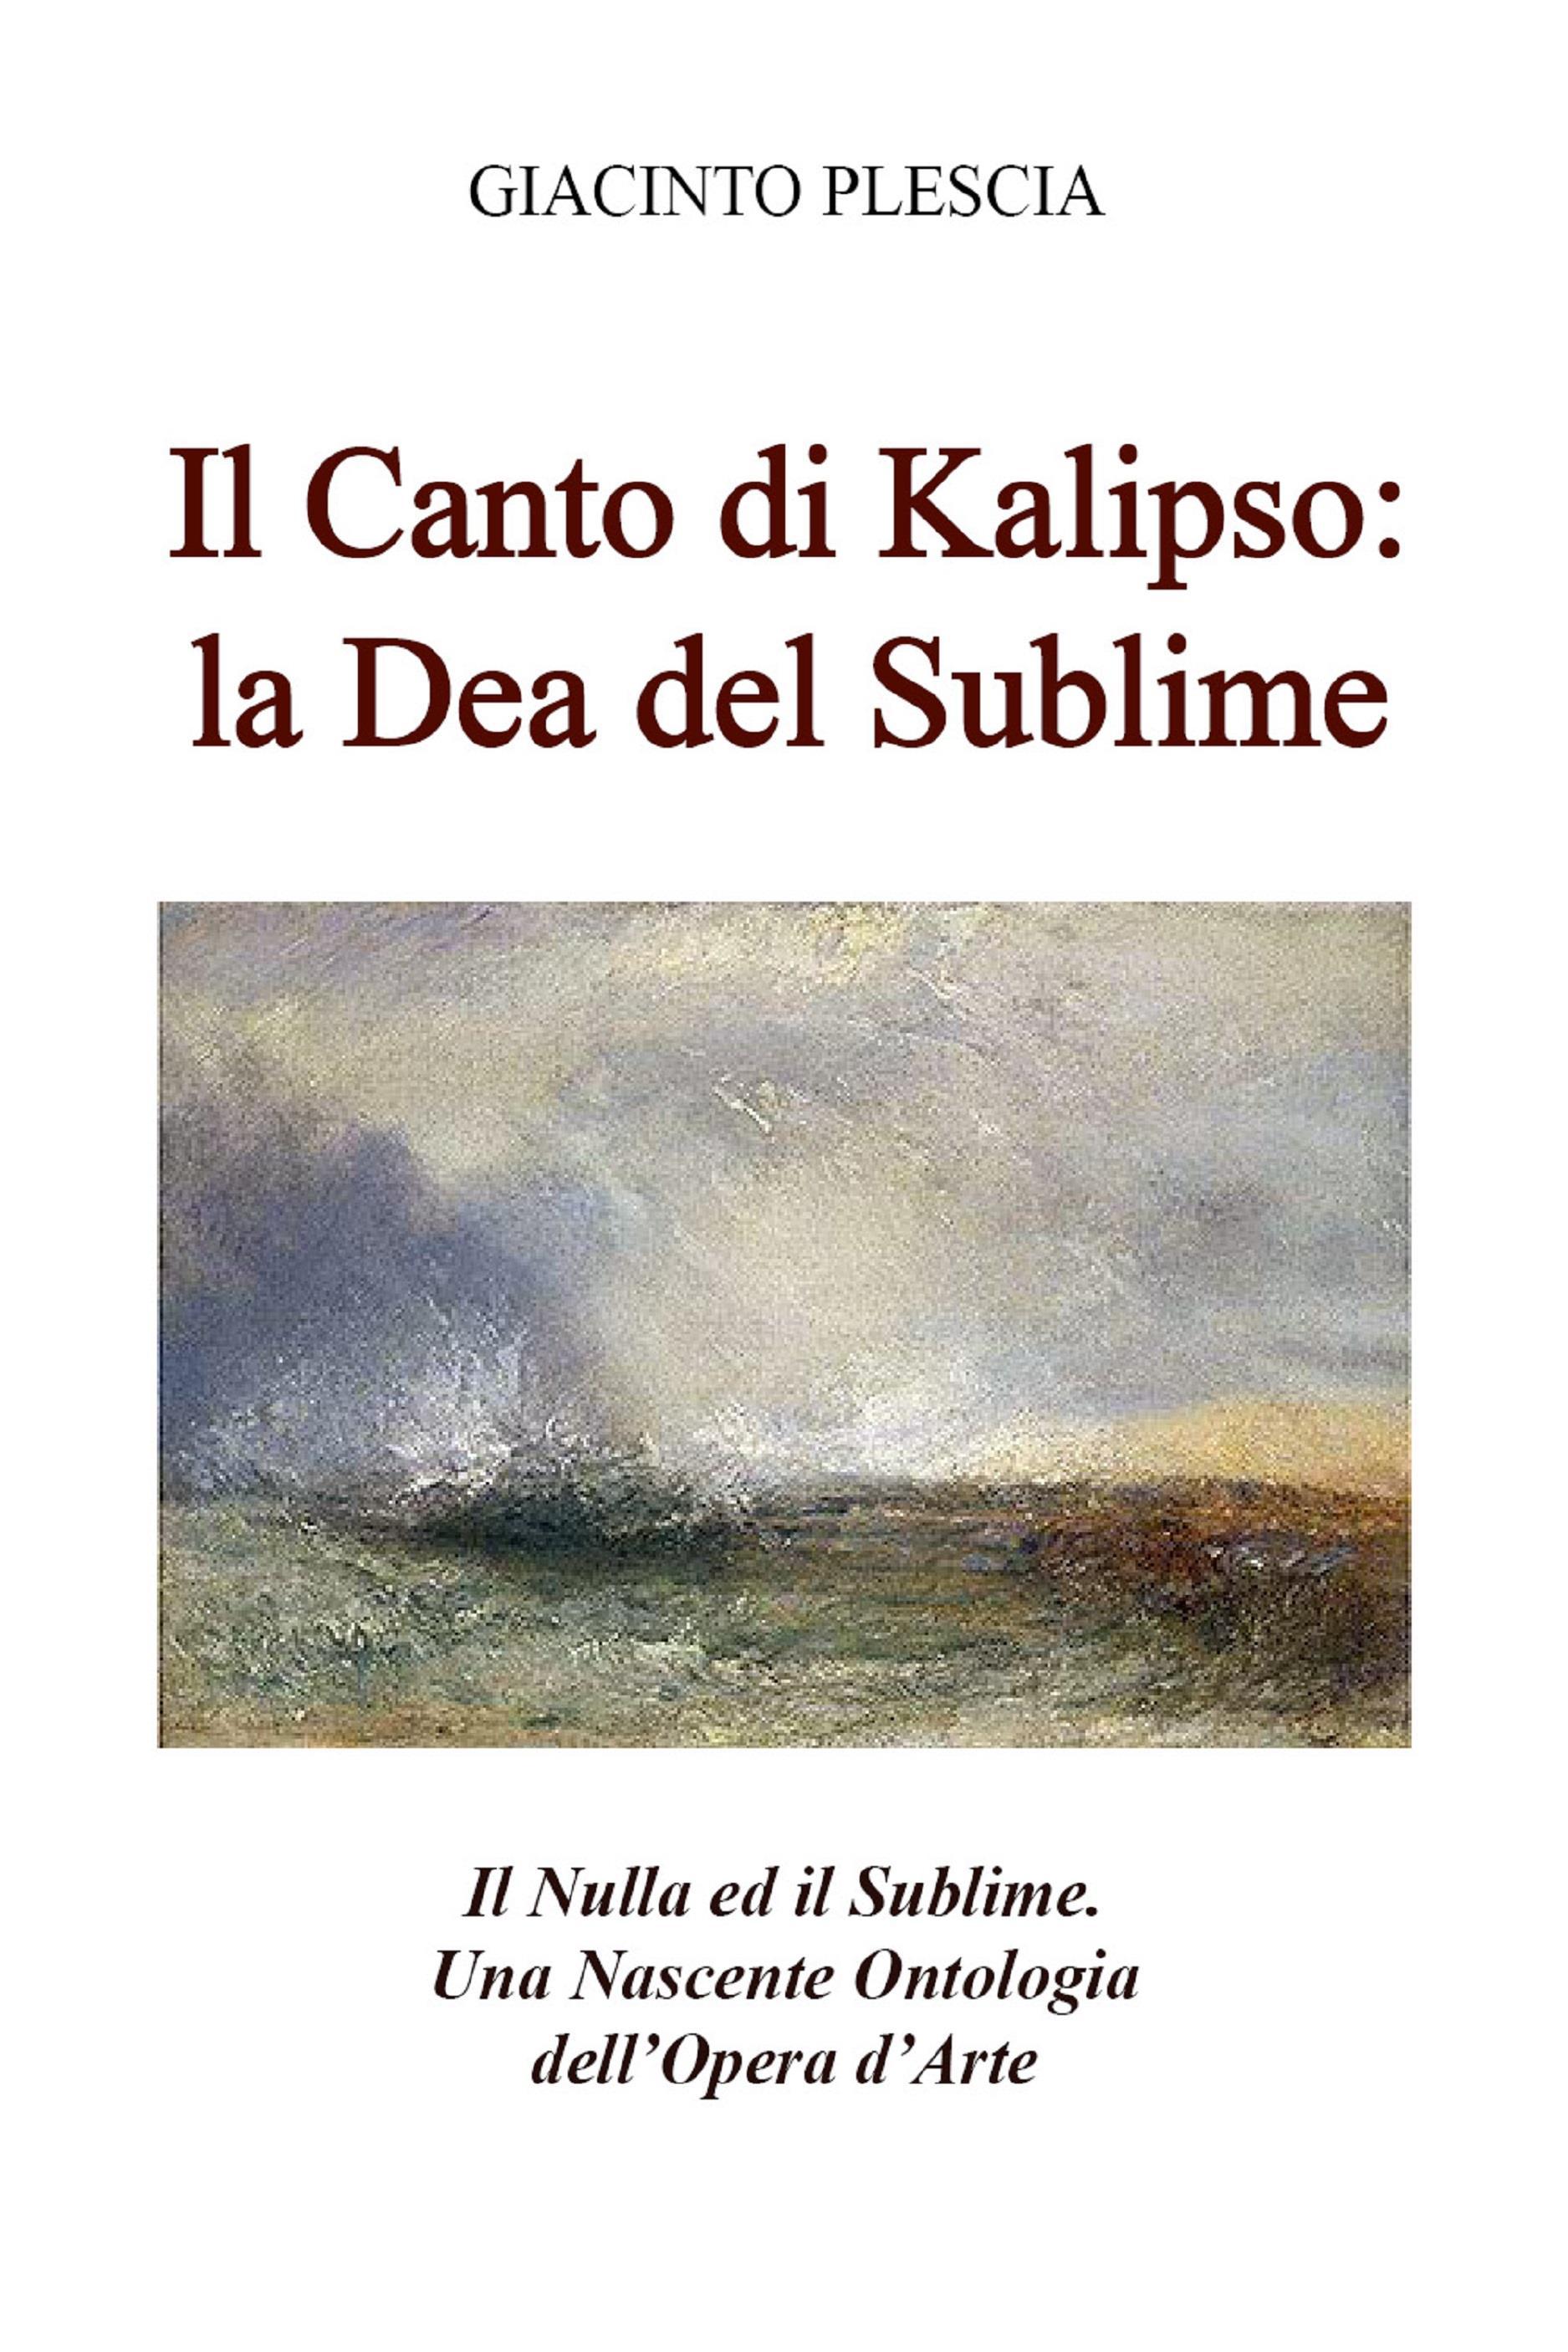 Il Canto di Kalipso: la Dea del Sublime. Il Nulla ed il Sublime. Una Nascente Ontologia dell'Opera d'Arte.